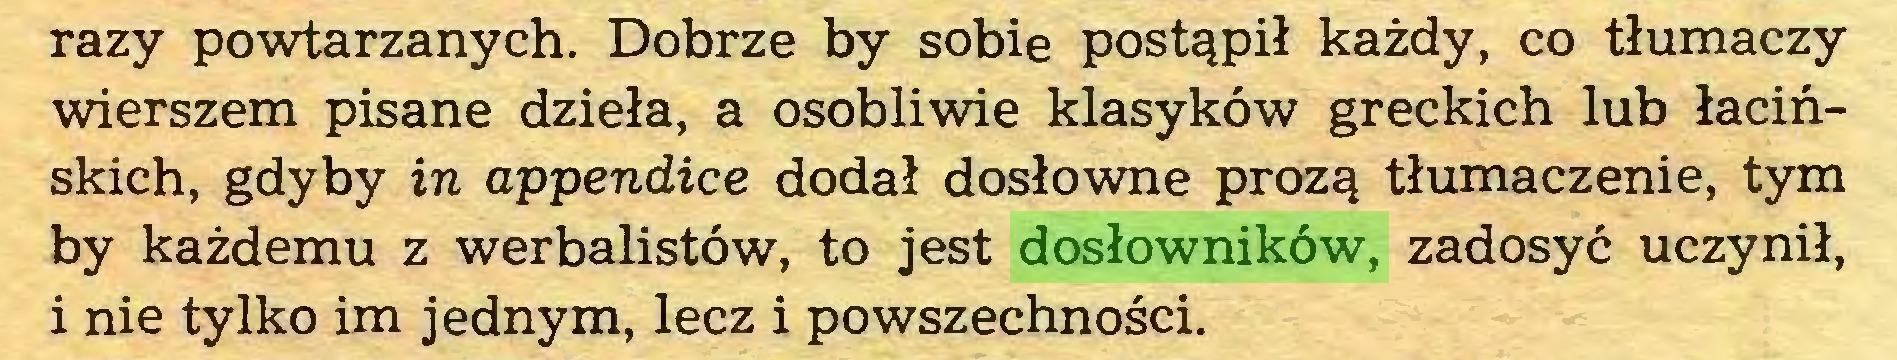 (...) razy powtarzanych. Dobrze by sobie postąpił każdy, co tłumaczy wierszem pisane dzieła, a osobliwie klasyków greckich lub łacińskich, gdyby in appendice dodał dosłowne prozą tłumaczenie, tym by każdemu z werbalistów, to jest dosłowników, zadosyć uczynił, i nie tylko im jednym, lecz i powszechności...